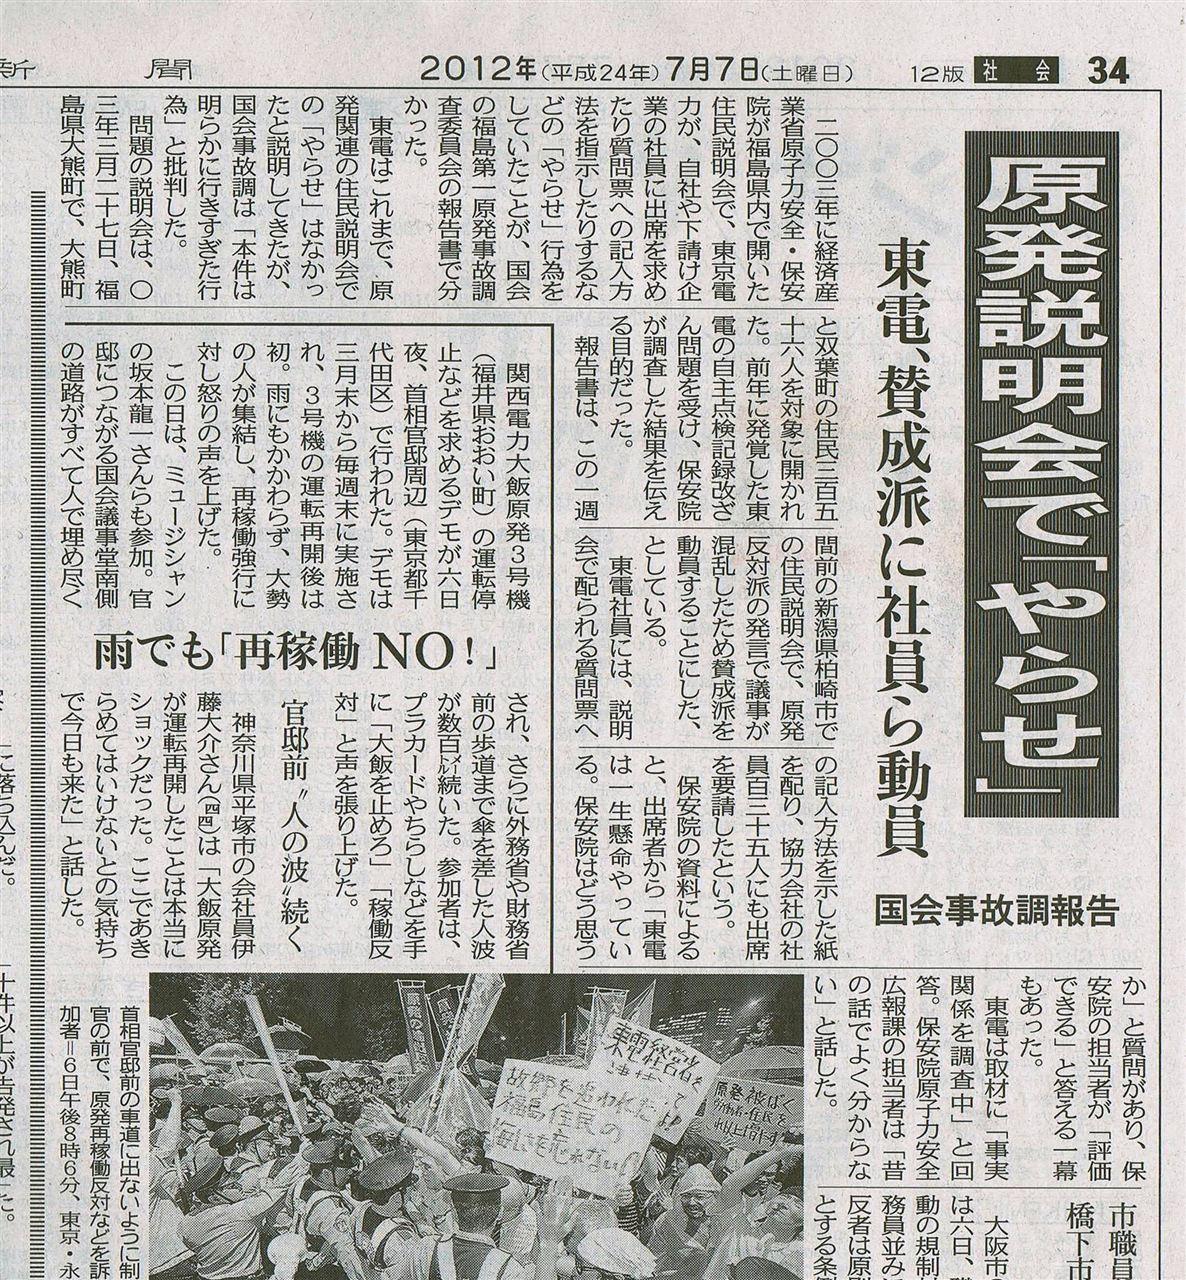 がれき受け入れに関し、 推進派の大村愛知県知事VS慎重派の自民党愛知県... 新聞スクラップ